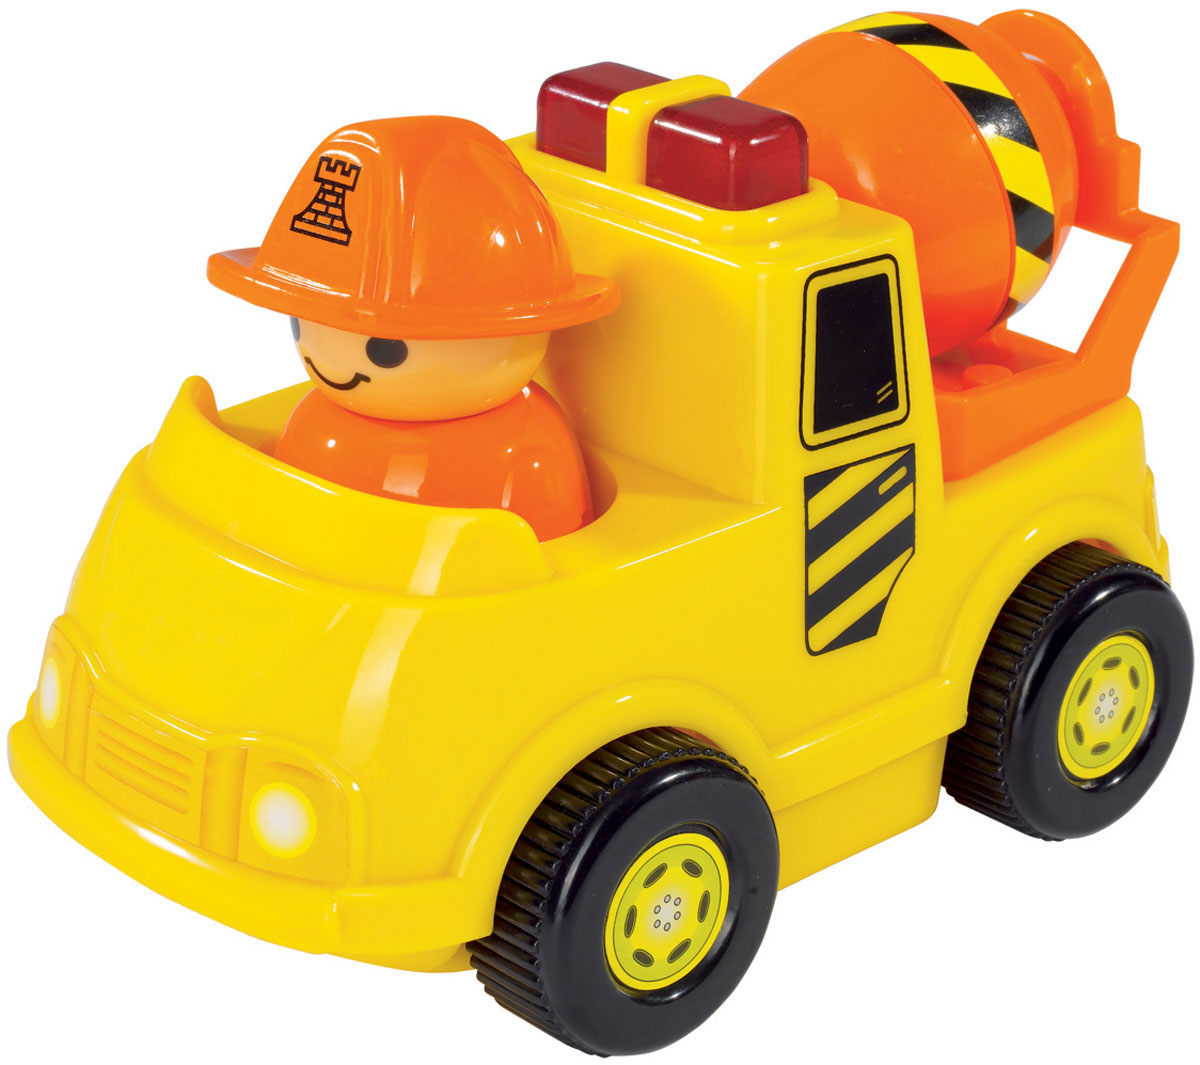 Simba Мини-машинка цвет цвет желтый simba паровоз инерционный цвет желтый